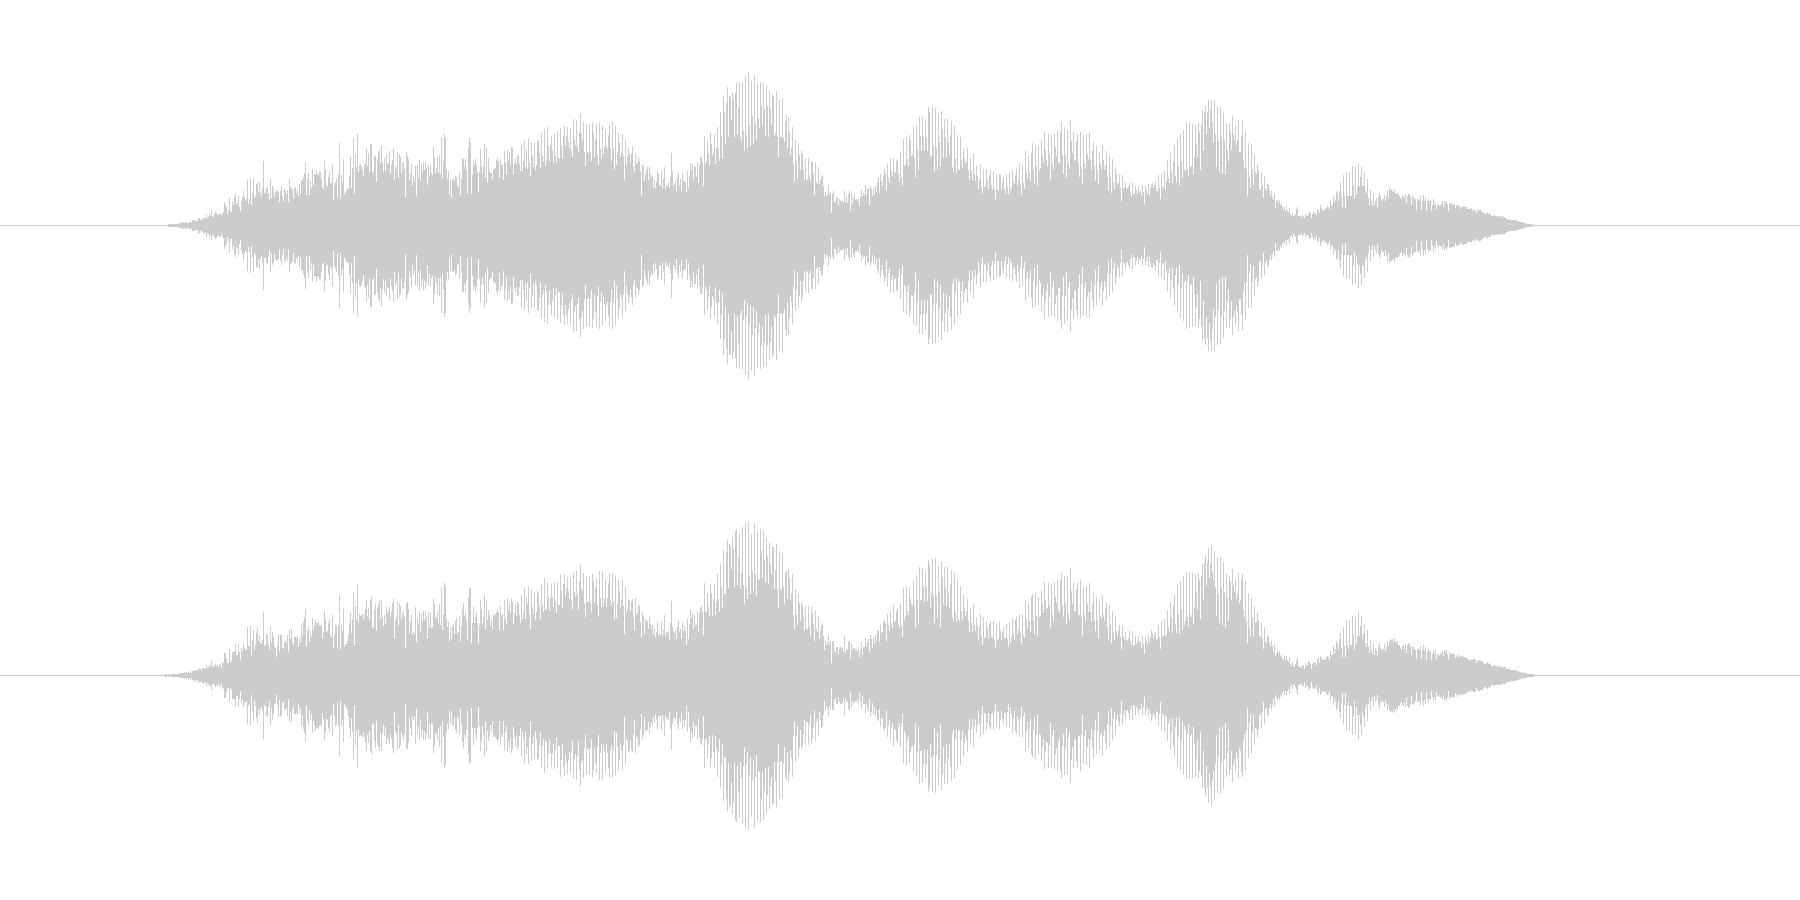 へへへへ(笑い声)の未再生の波形